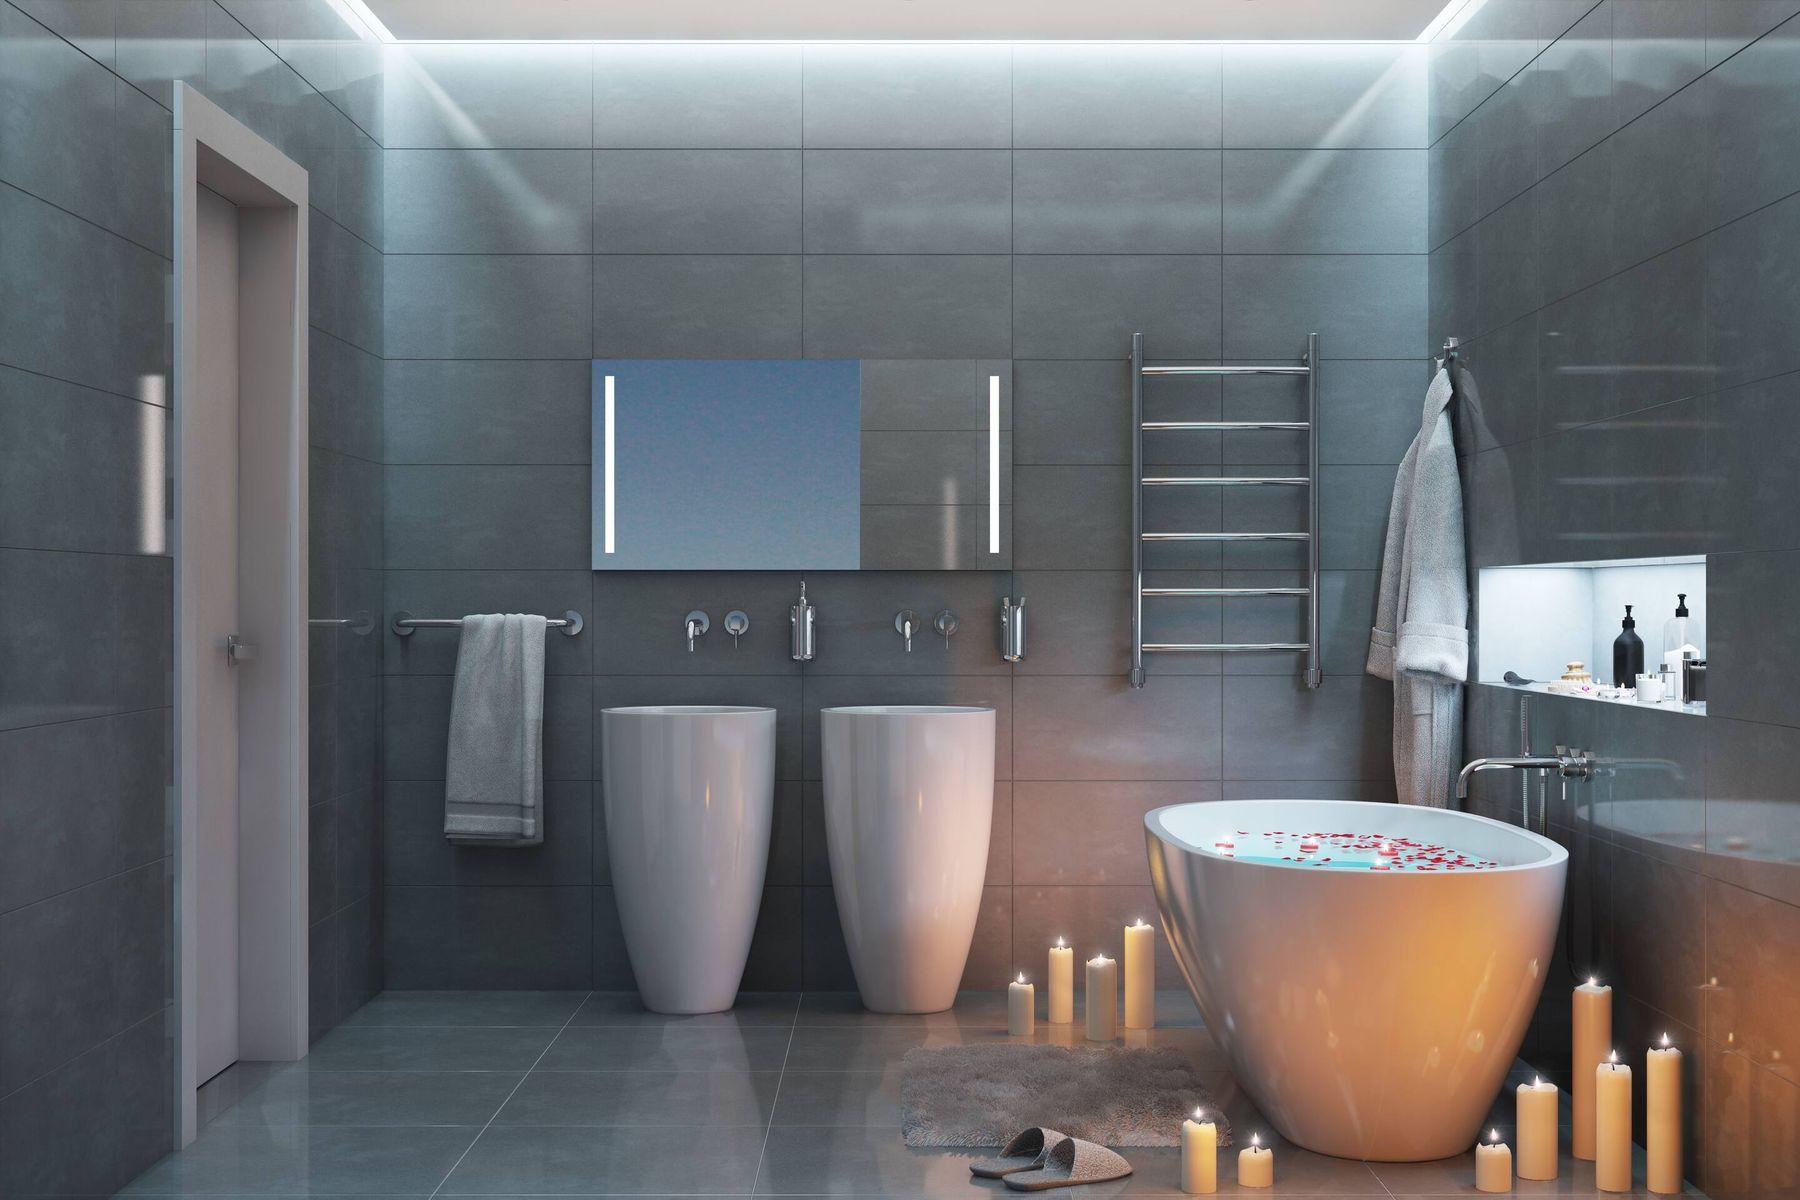 Tẩy sạch vết bẩn trên nền gạch bằng nước rửa nhà vệ sinh